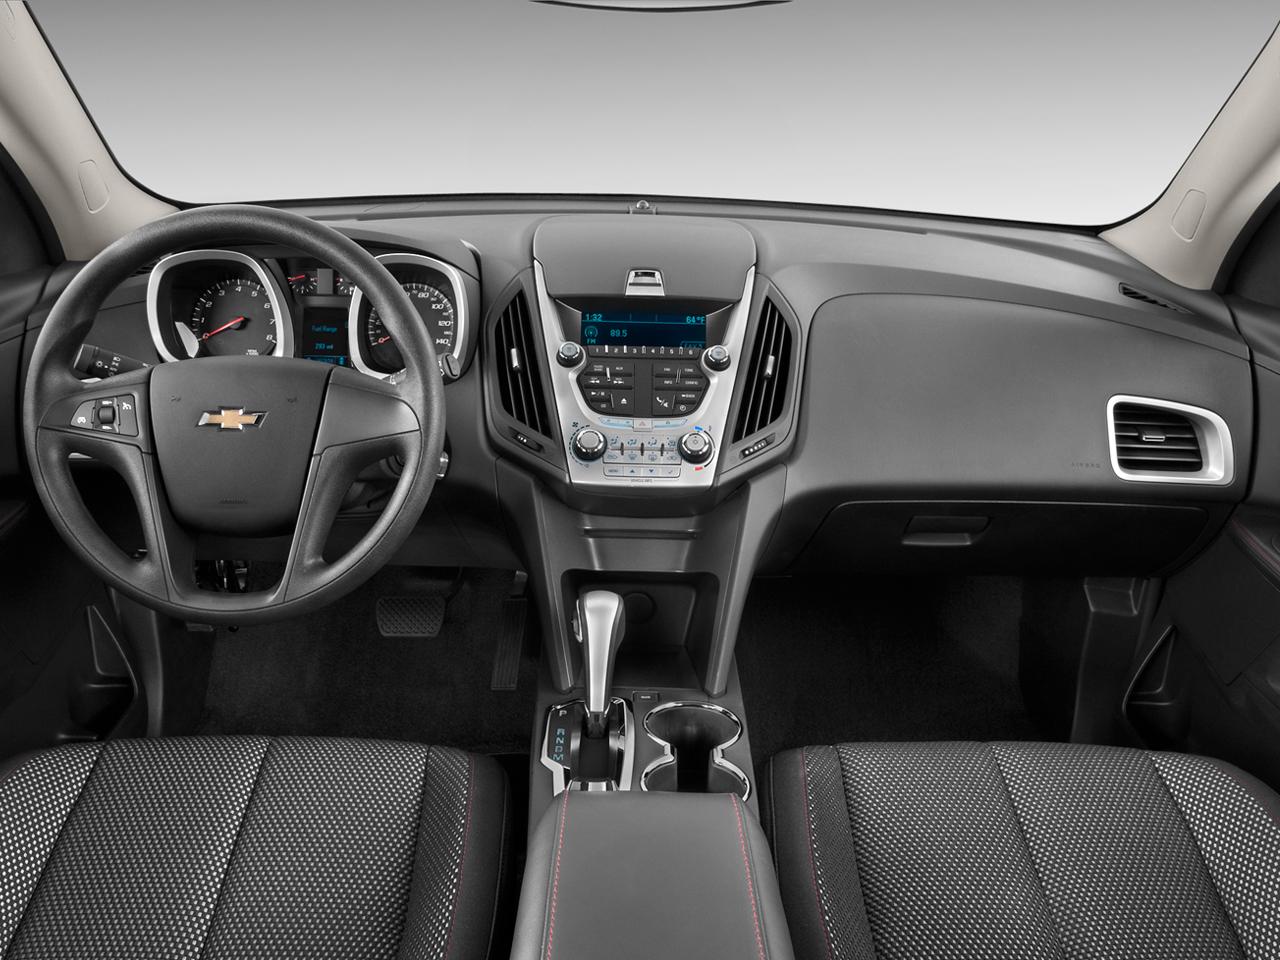 2011 Chevrolet Equinox - Review - CarGurus